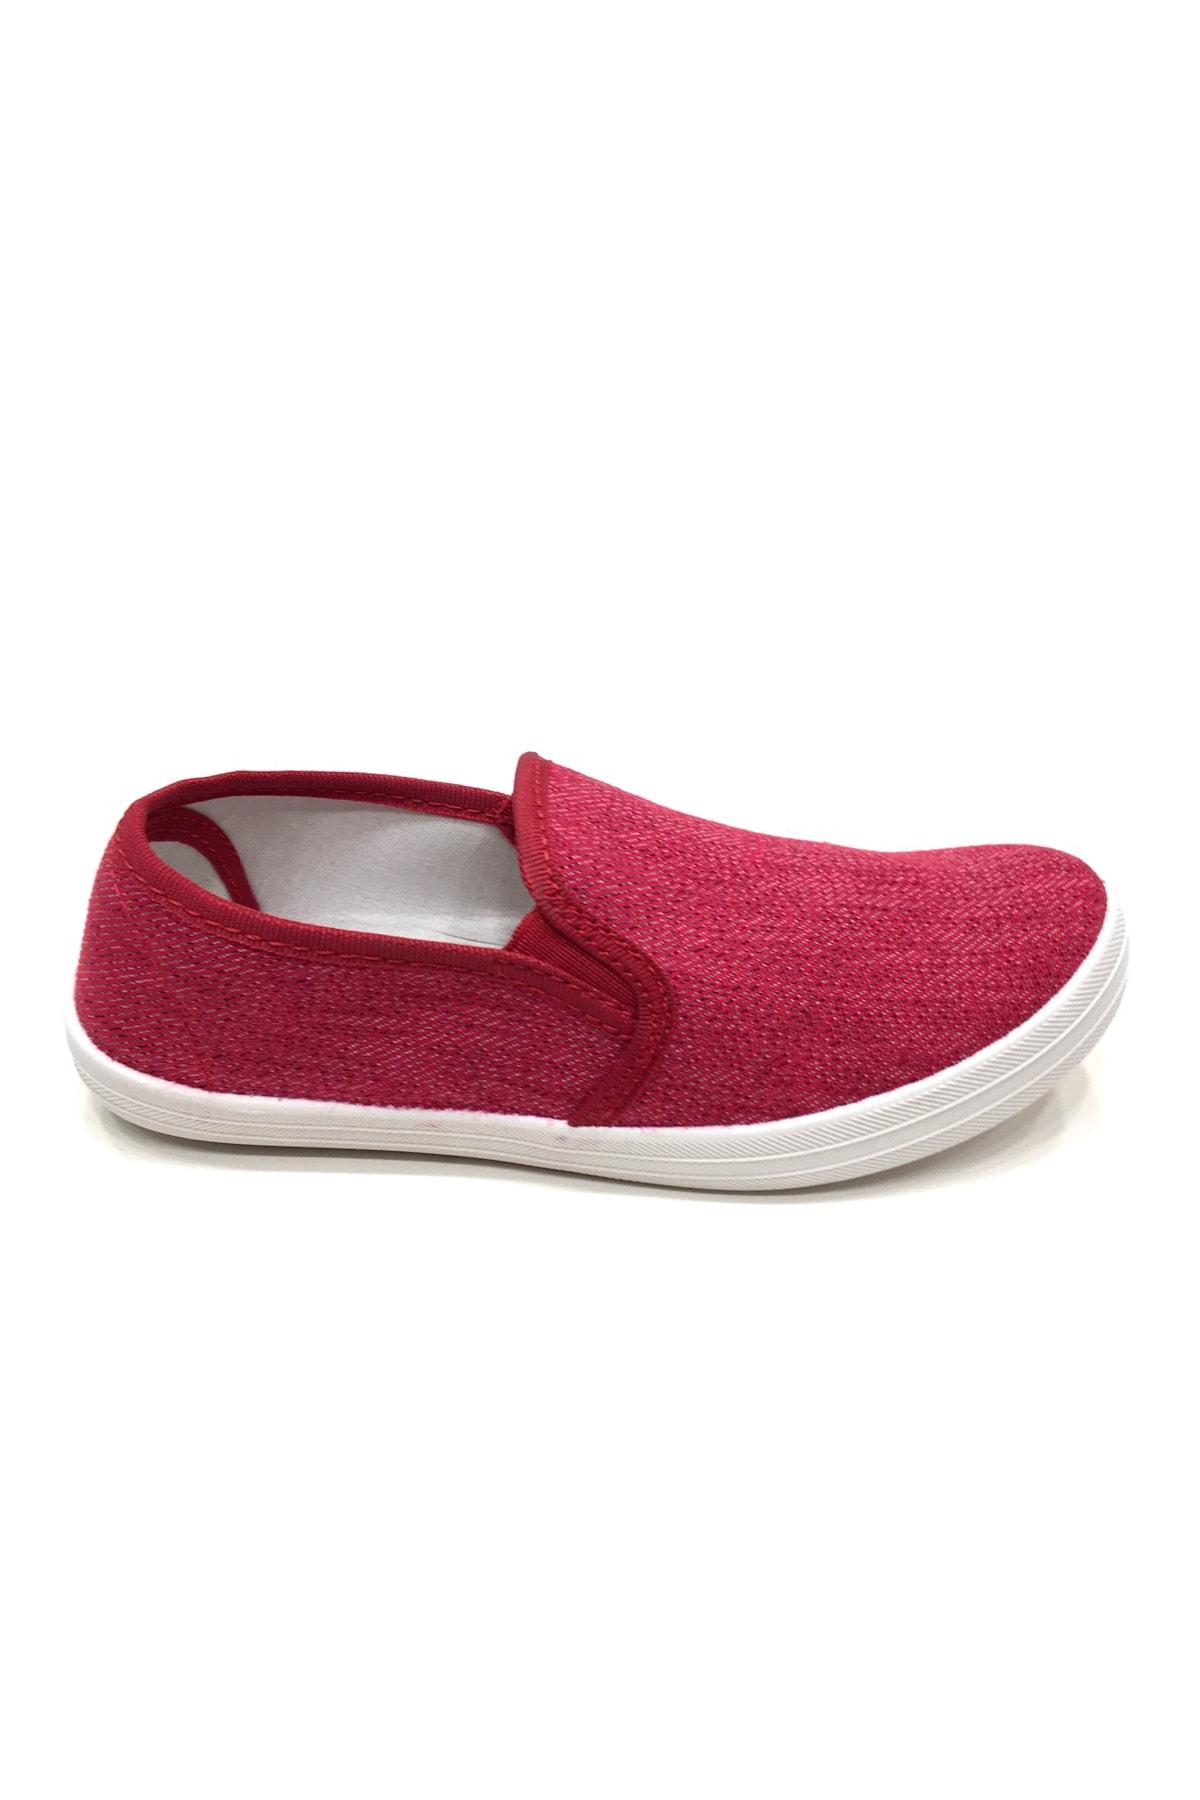 Kız Çocuk Fuşya Keten Günlük Ayakkabı